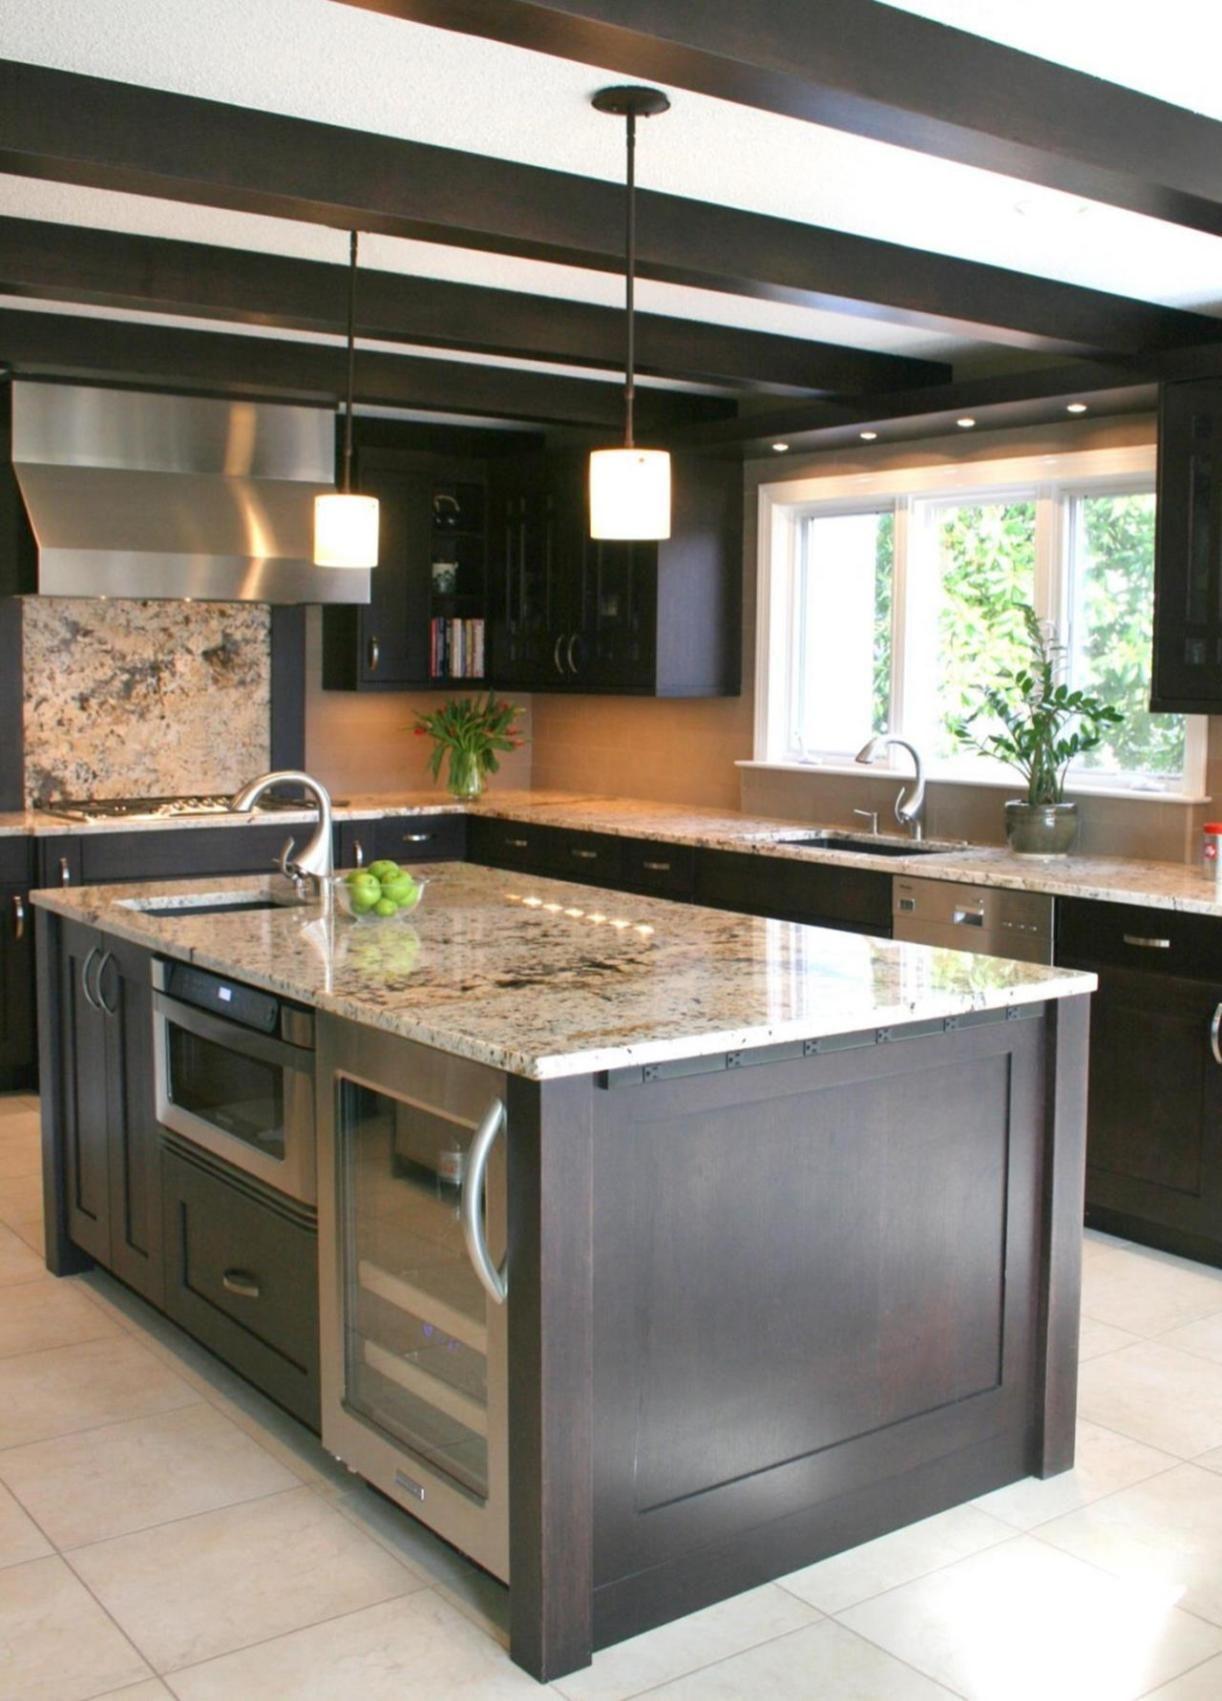 Stunning Ultra Modern Kitchen Island Design Ideas Kitchen Island